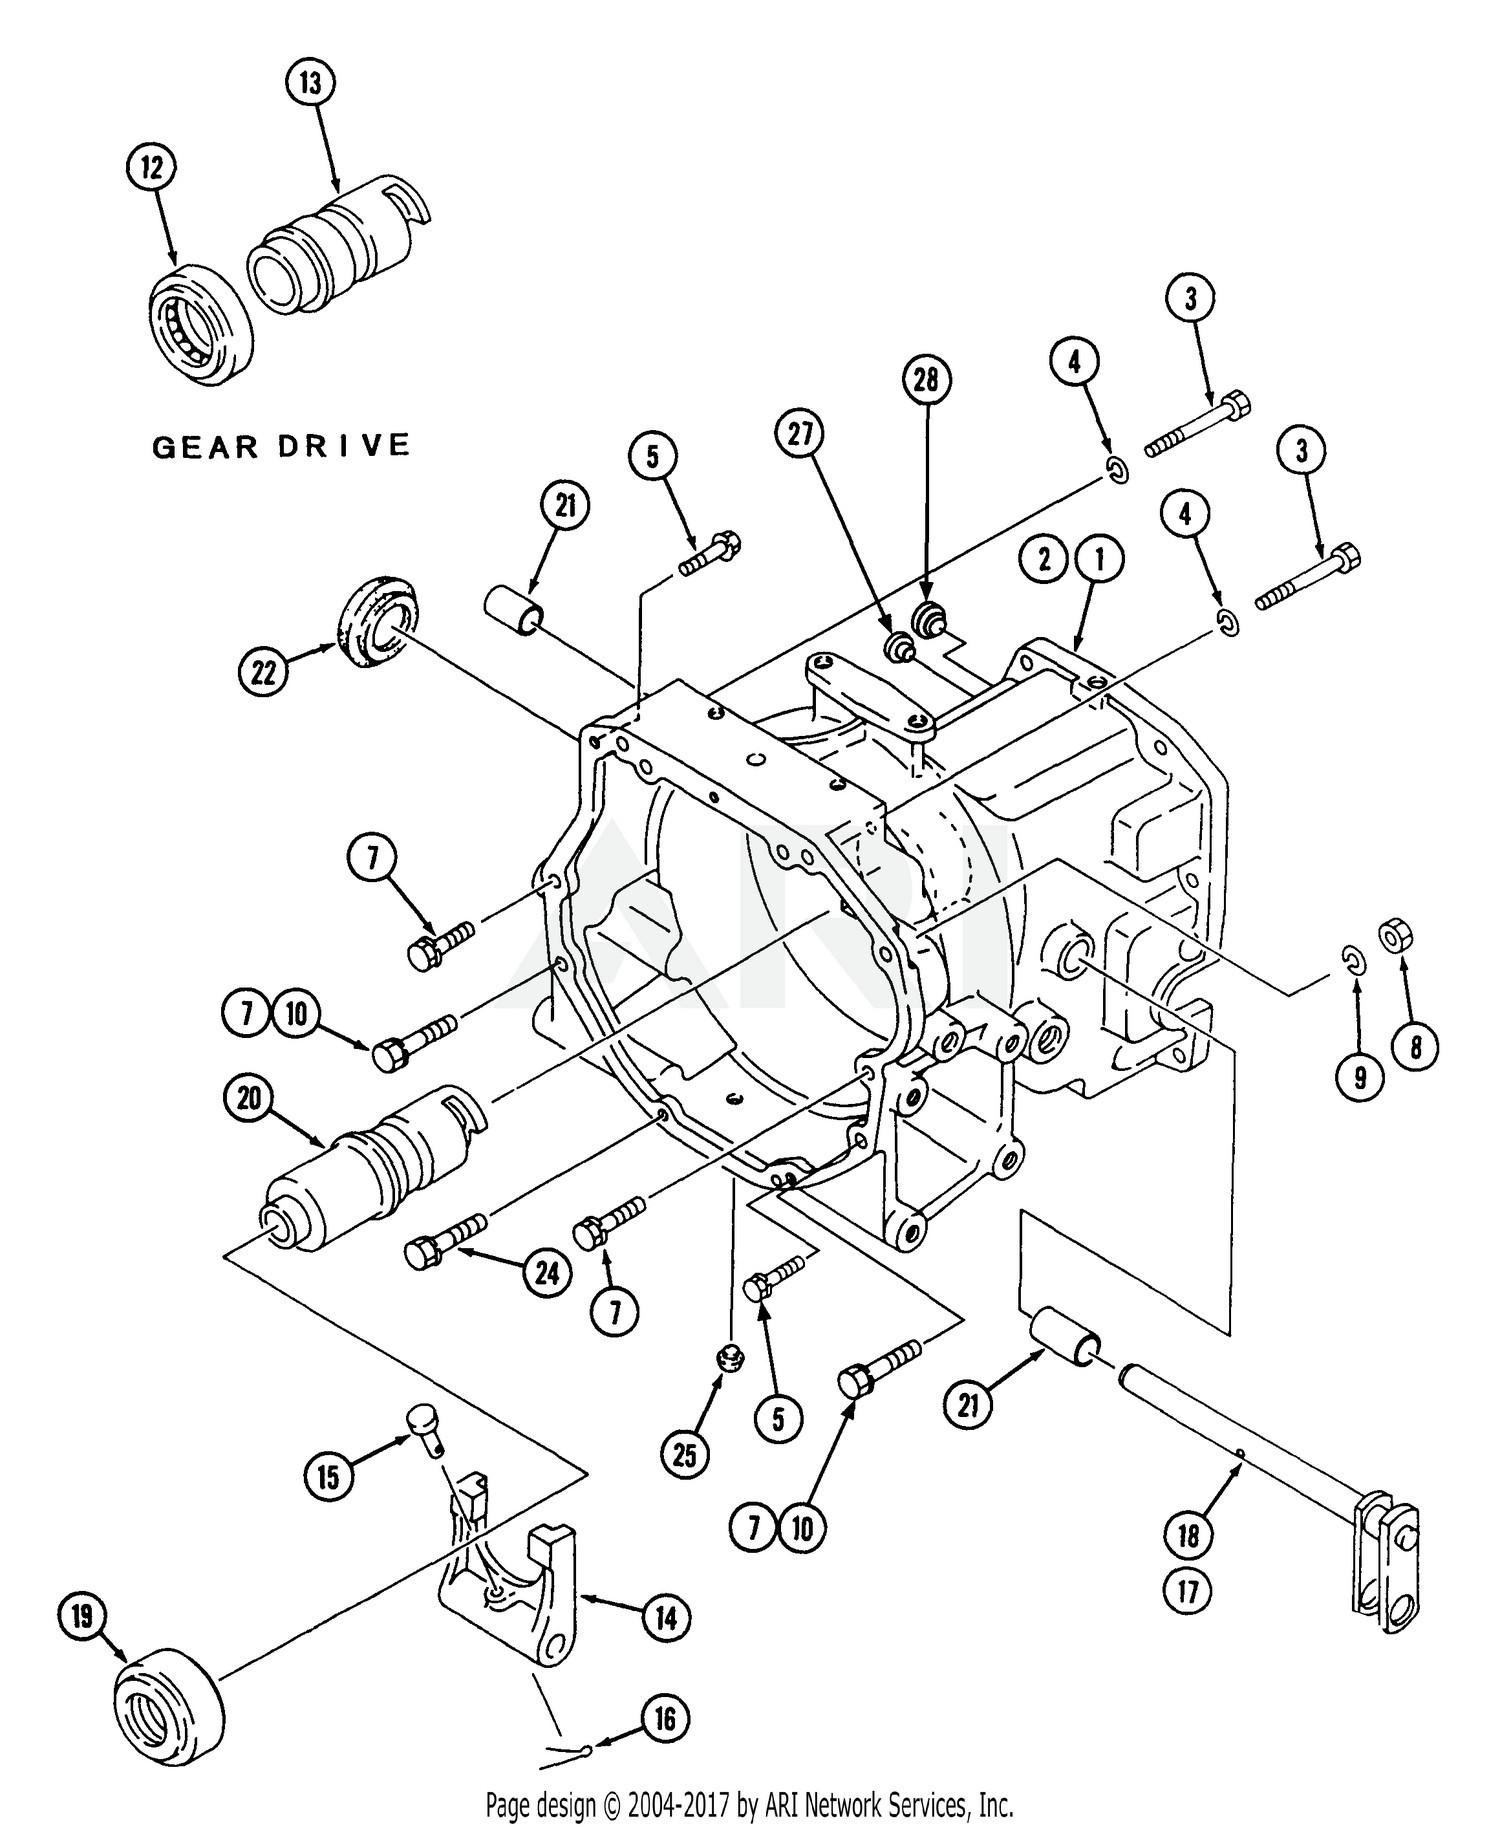 Auto engine parts diagram cub cadet parts diagrams cub cadet 7194 tractor 544 432d100 546